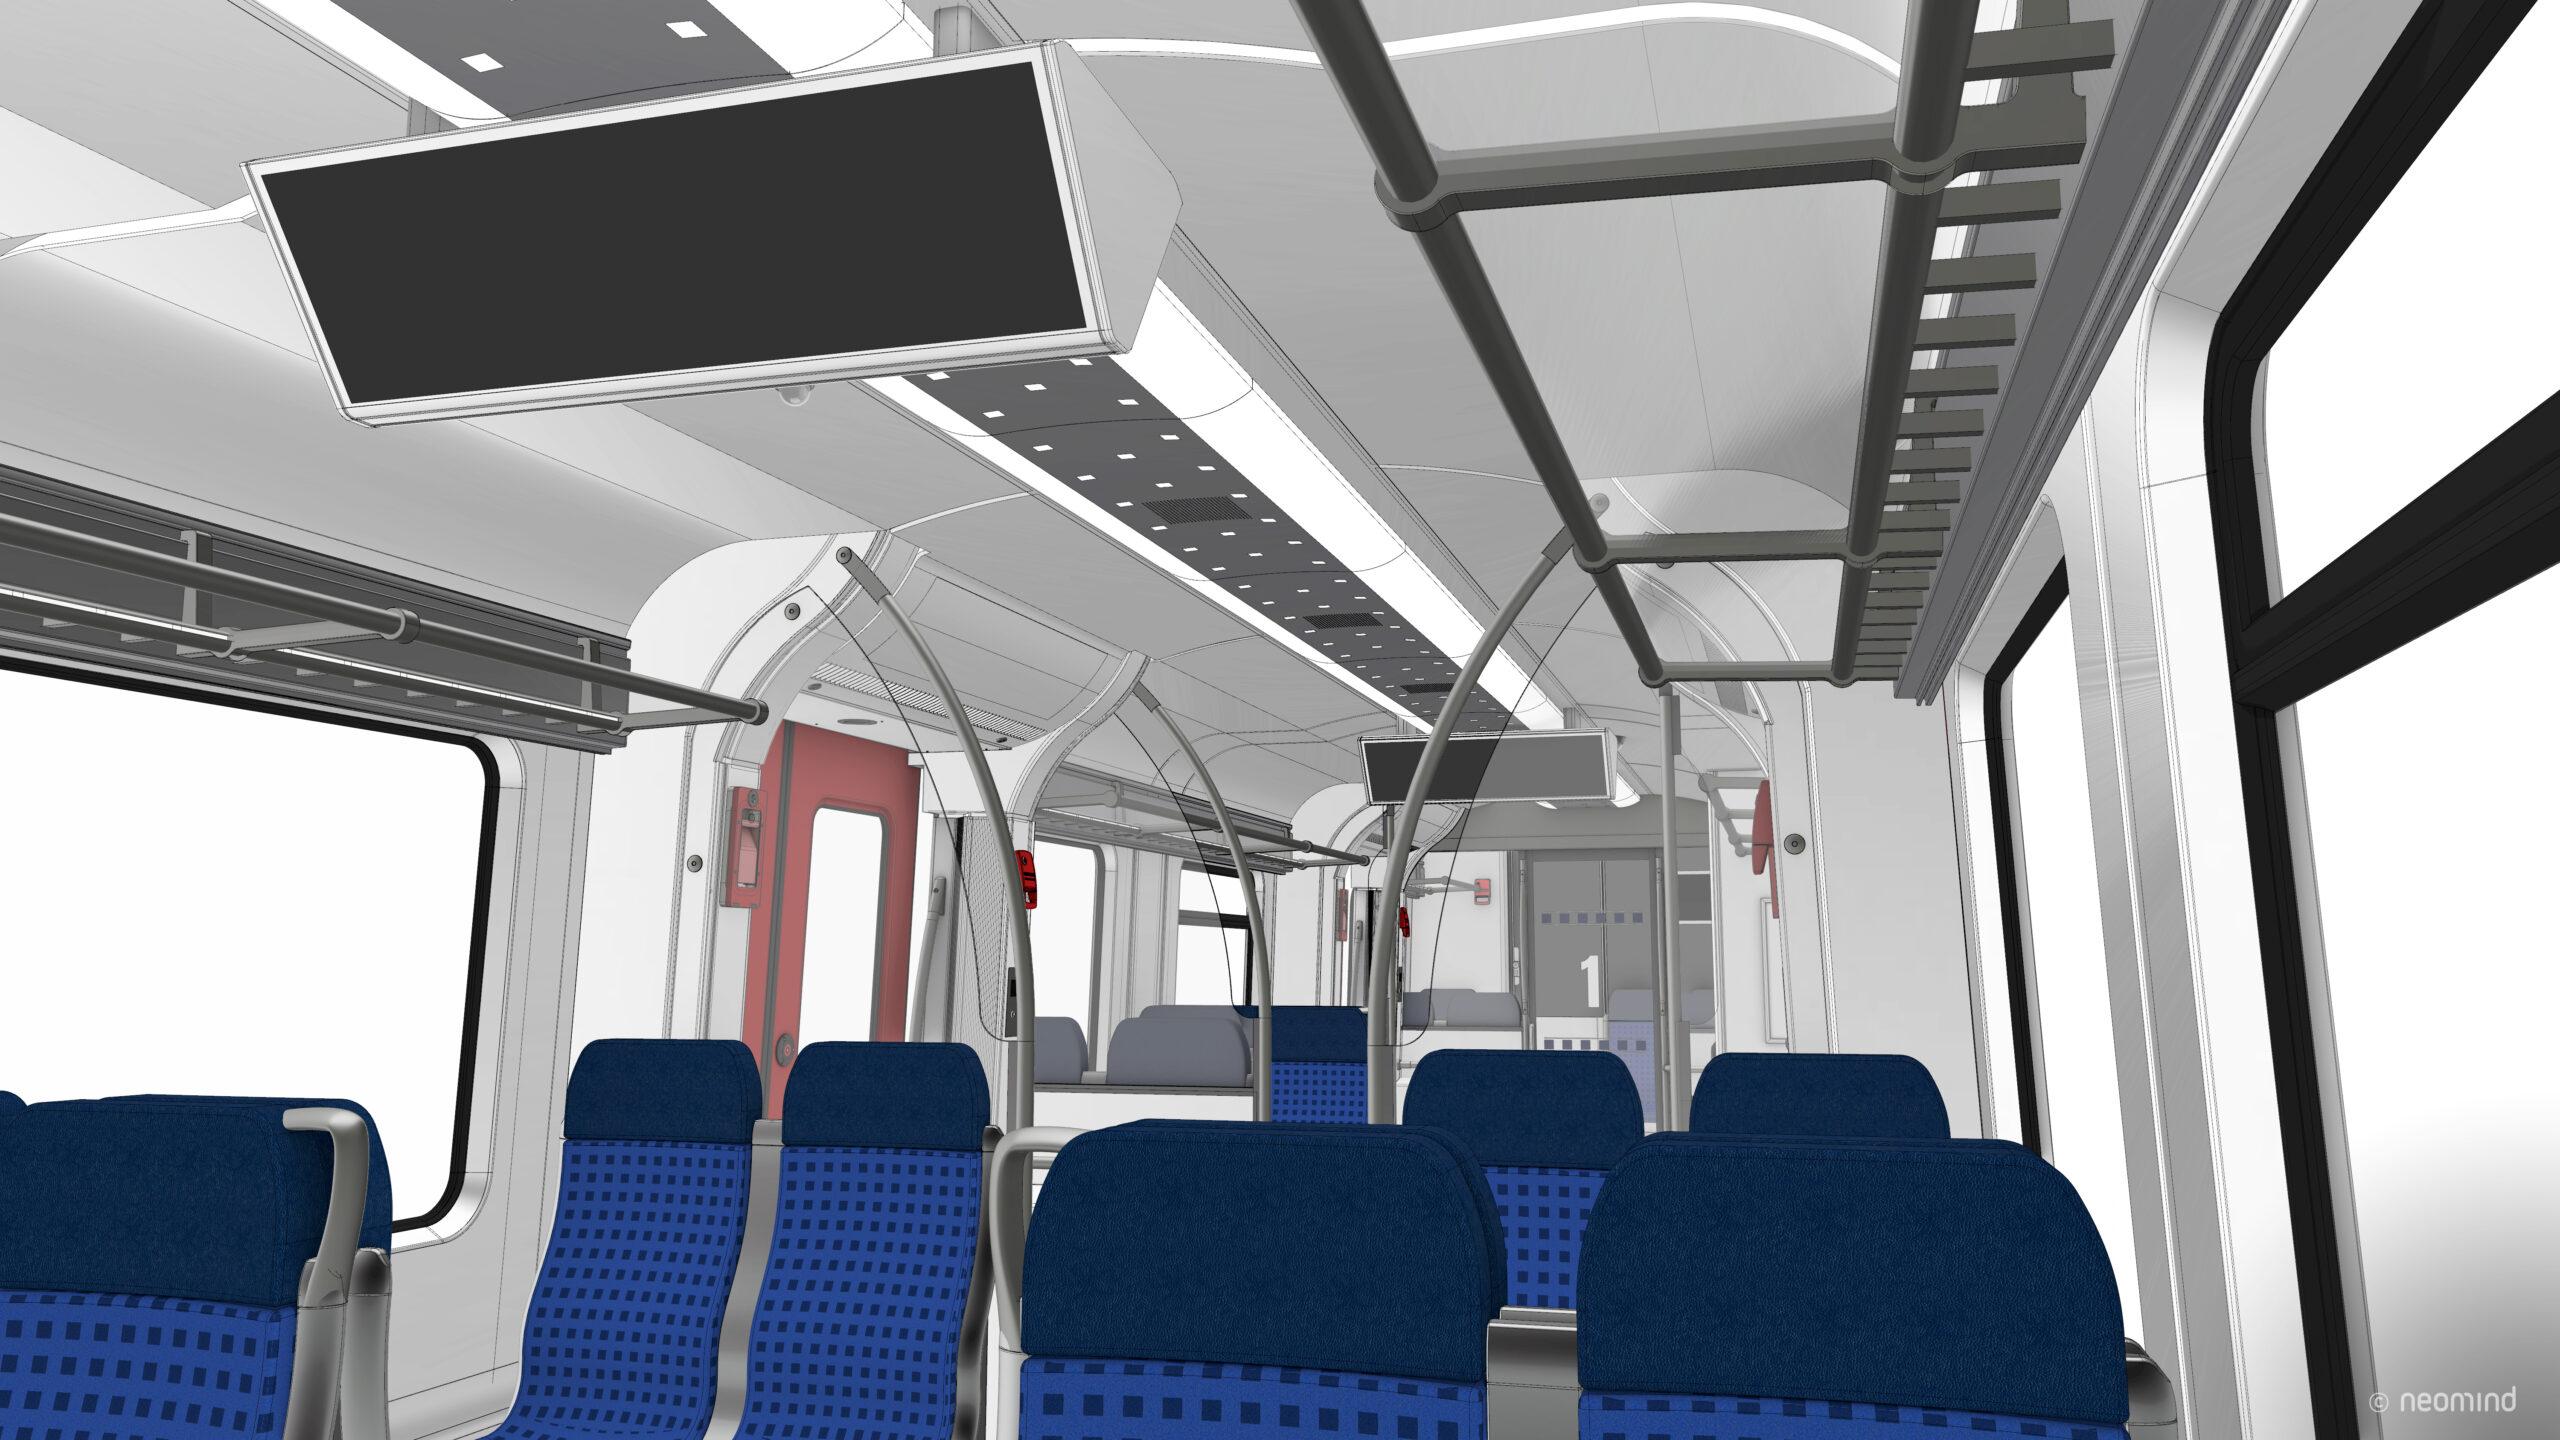 Rendering of the new S-Bahn Stuttgart interior